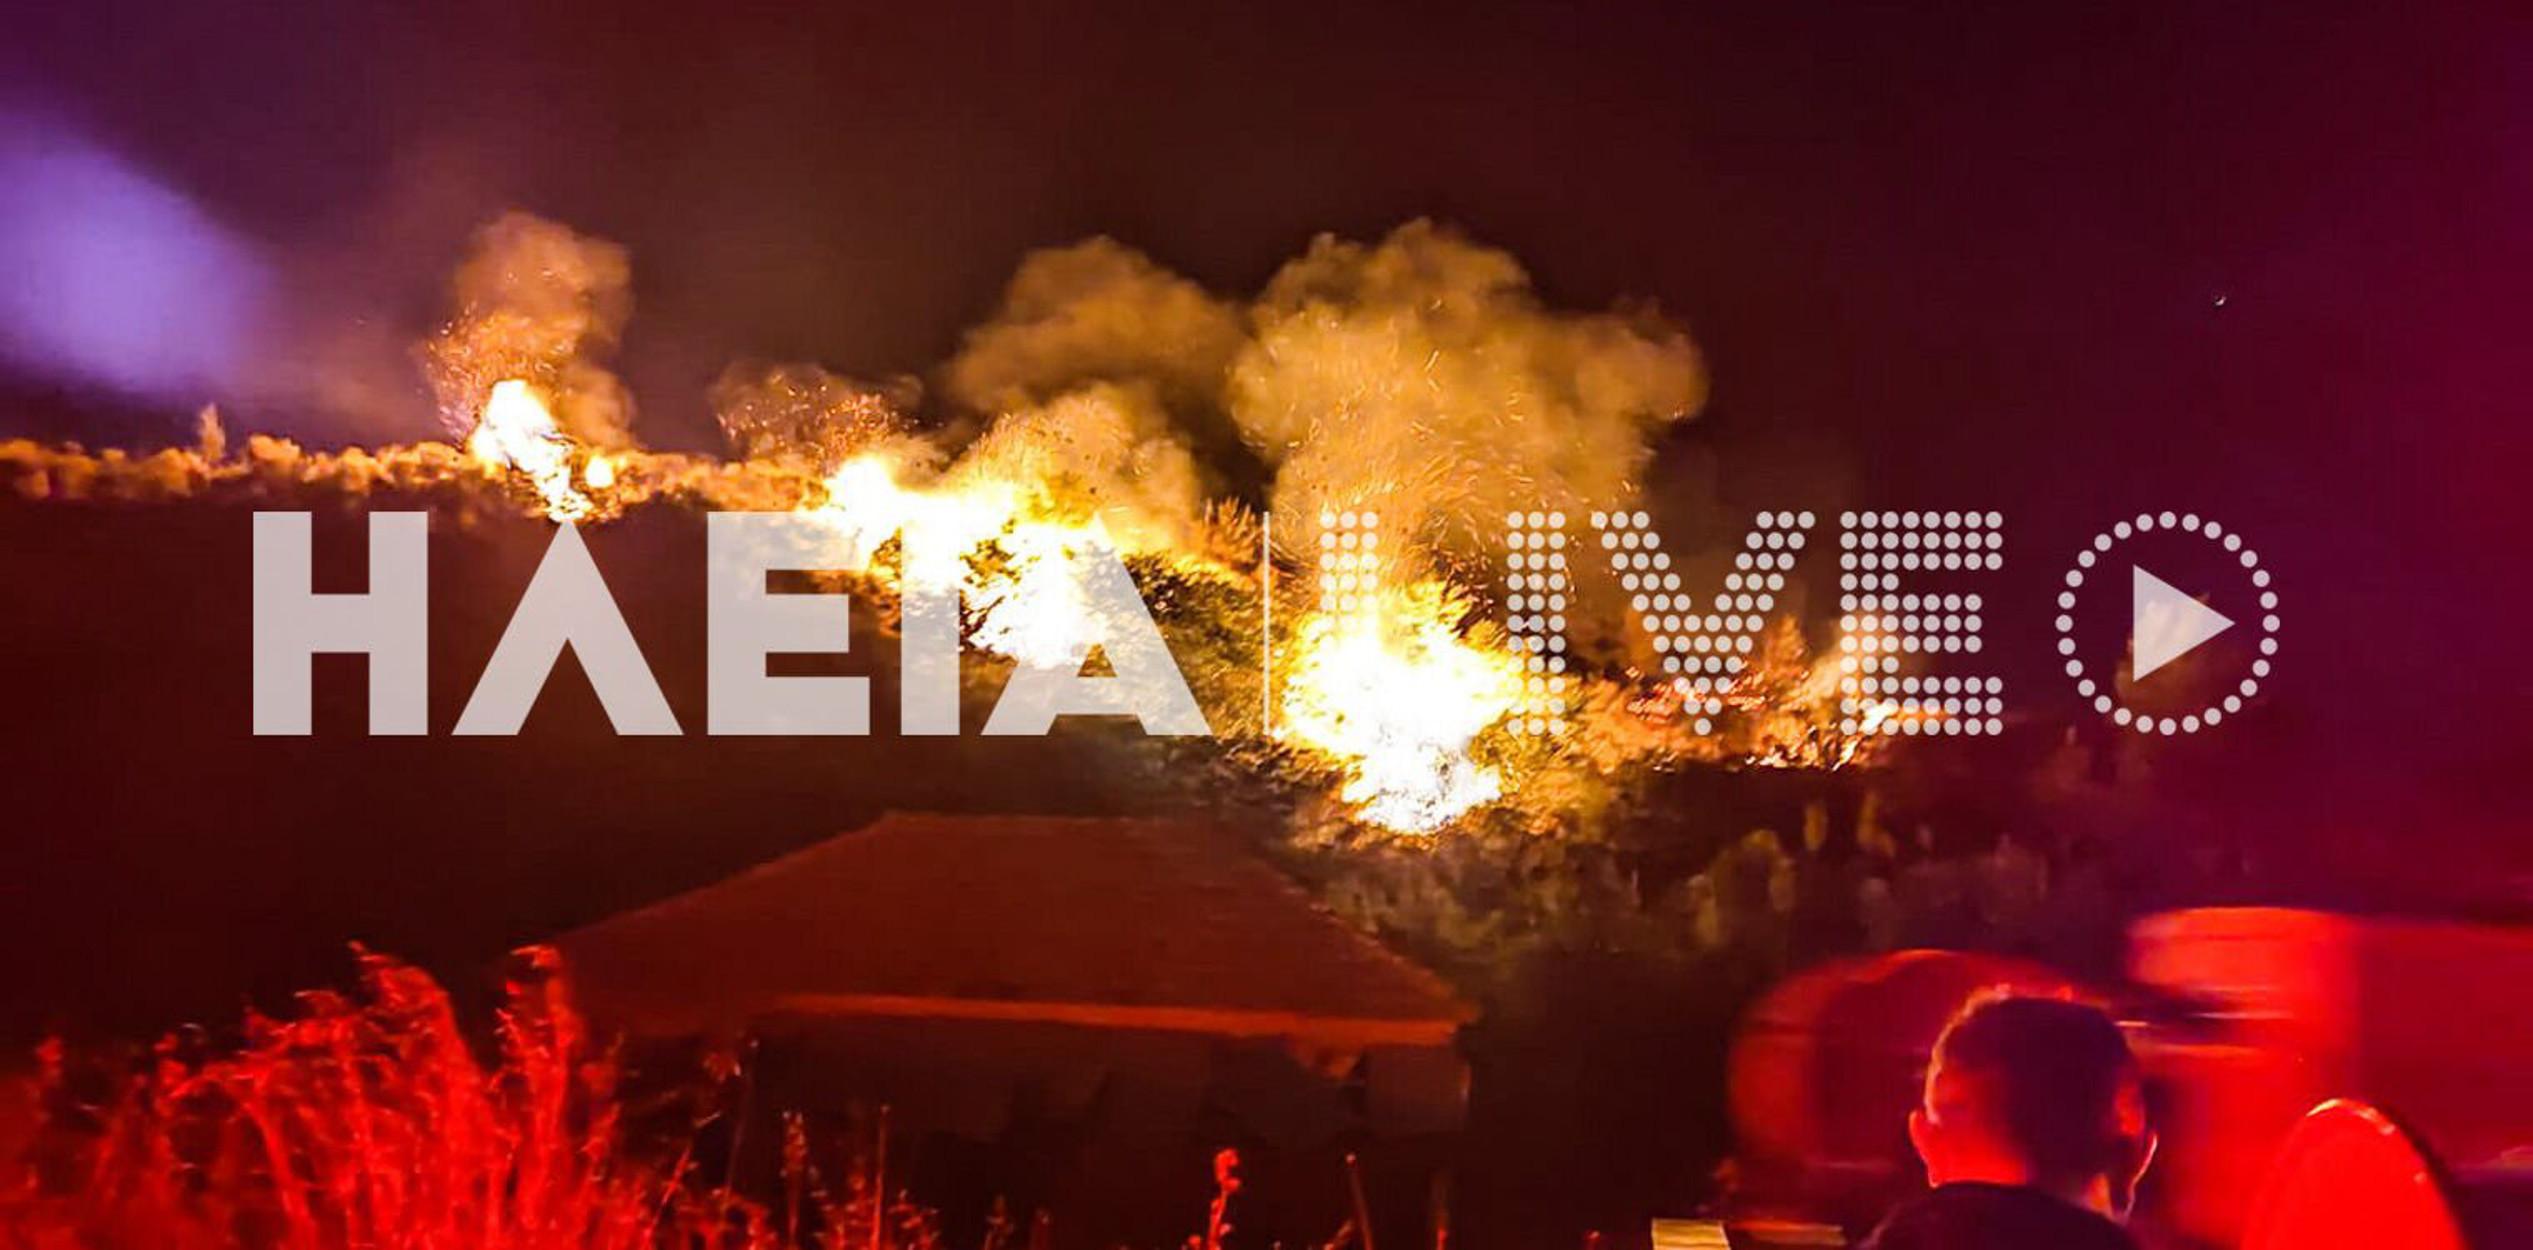 Ηλεία: Φωτιά στην Αγνάντα – Καίει σε δύσβατη περιοχή